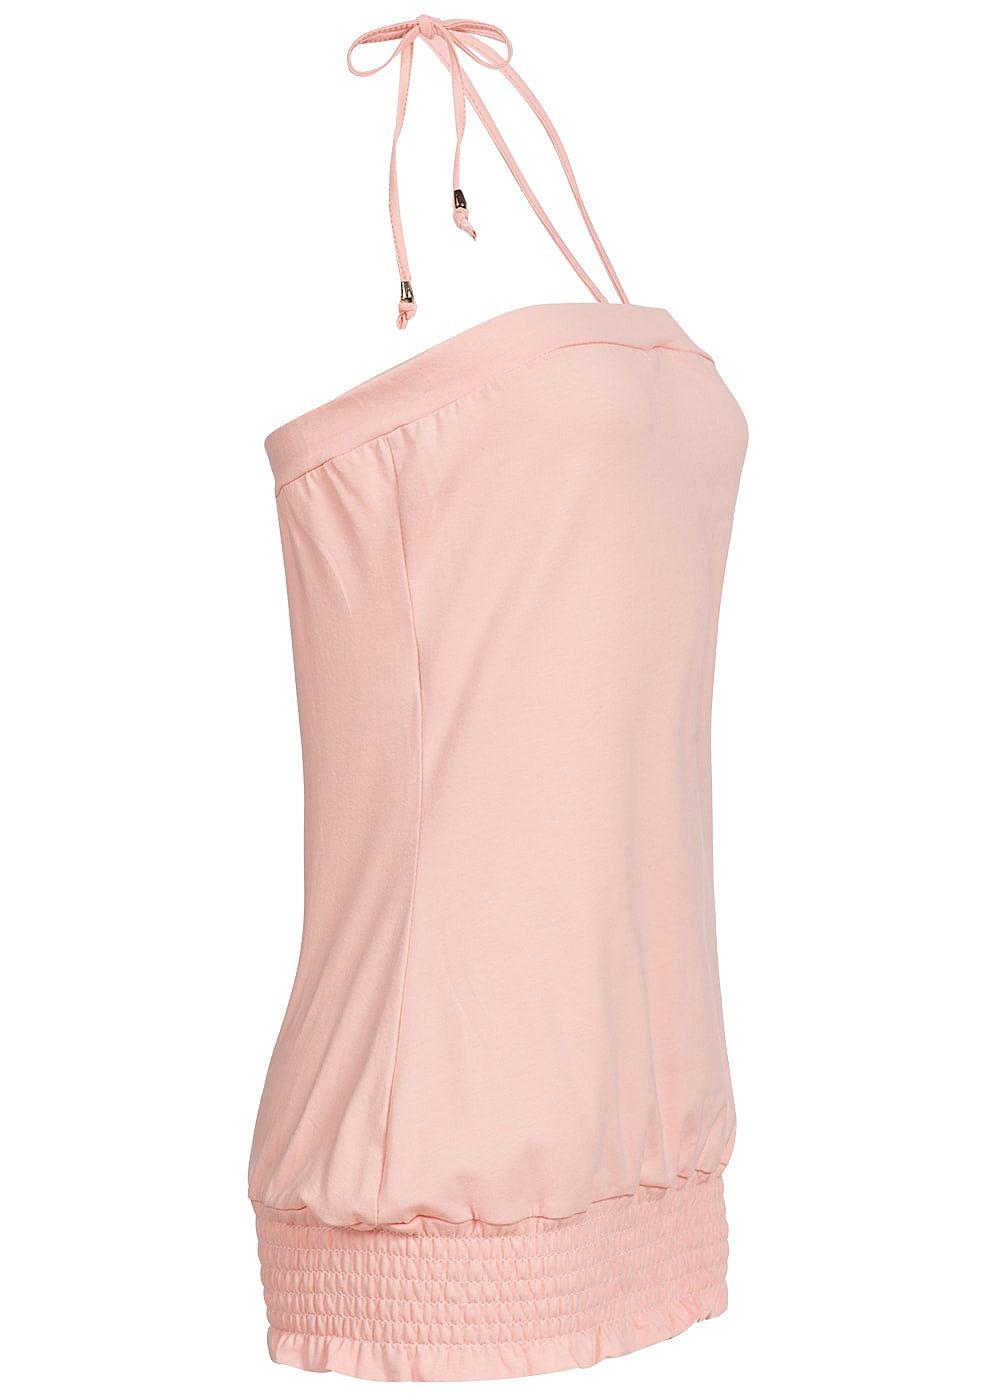 styleboom fashion damen neckholder top rosa 77onlineshop. Black Bedroom Furniture Sets. Home Design Ideas